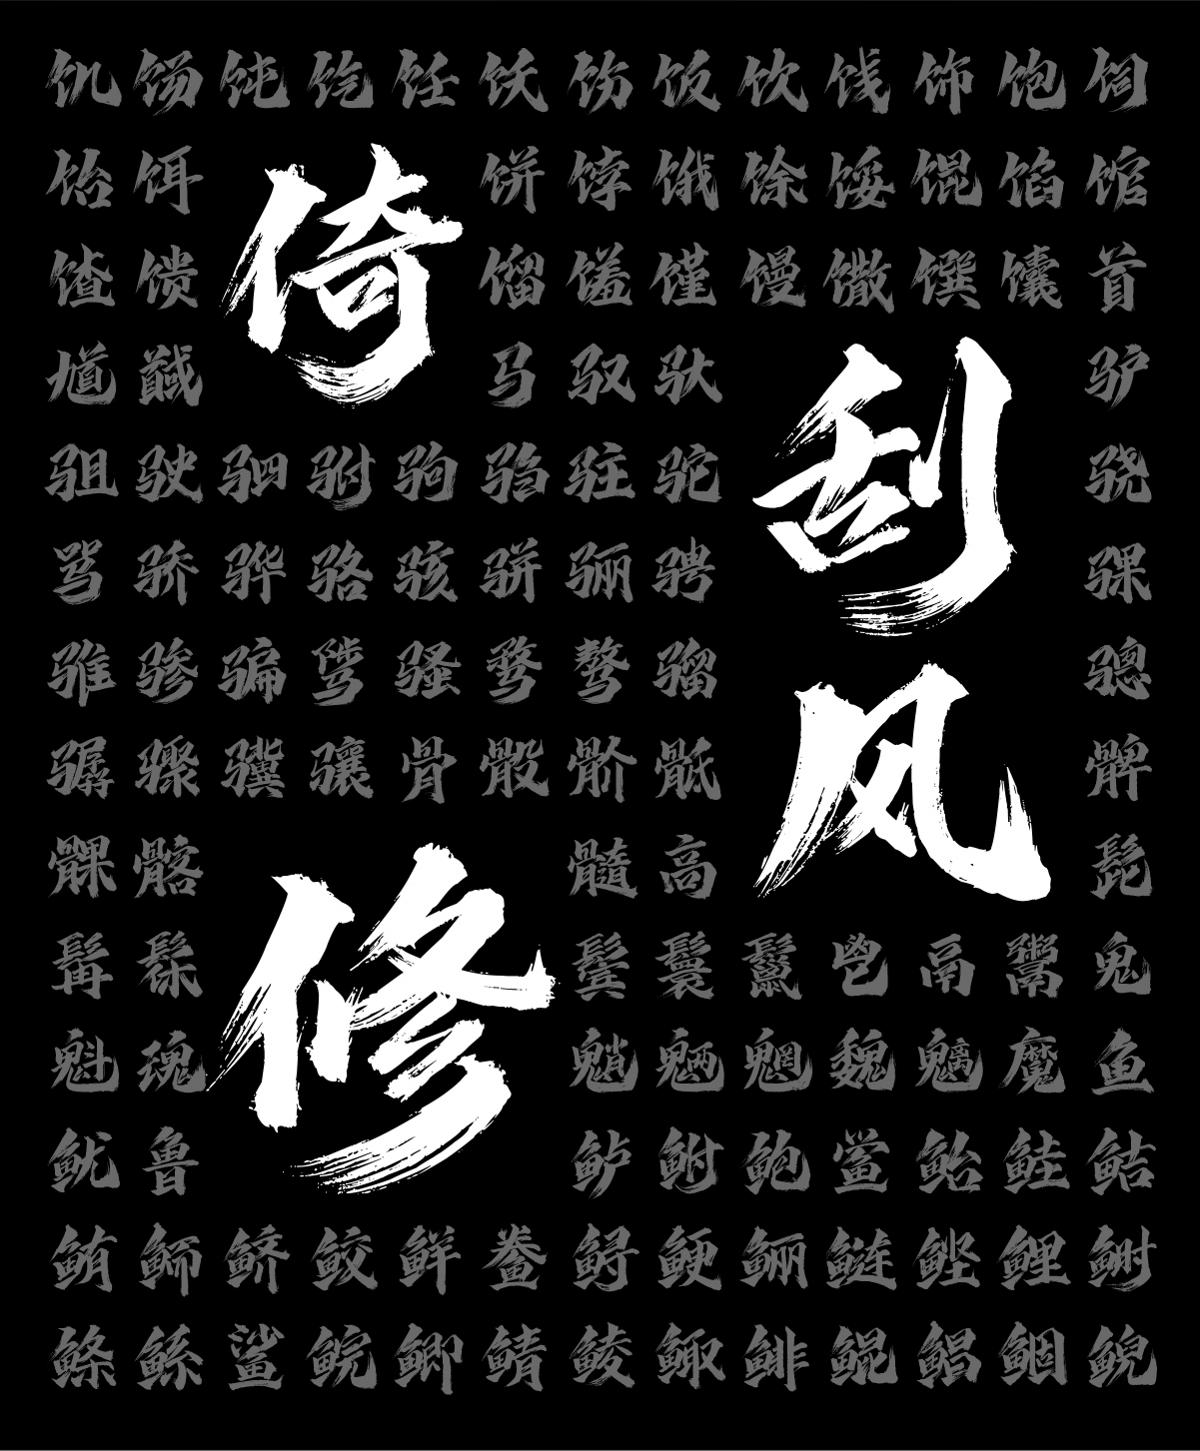 龚帆锋芒体 | 字库发布